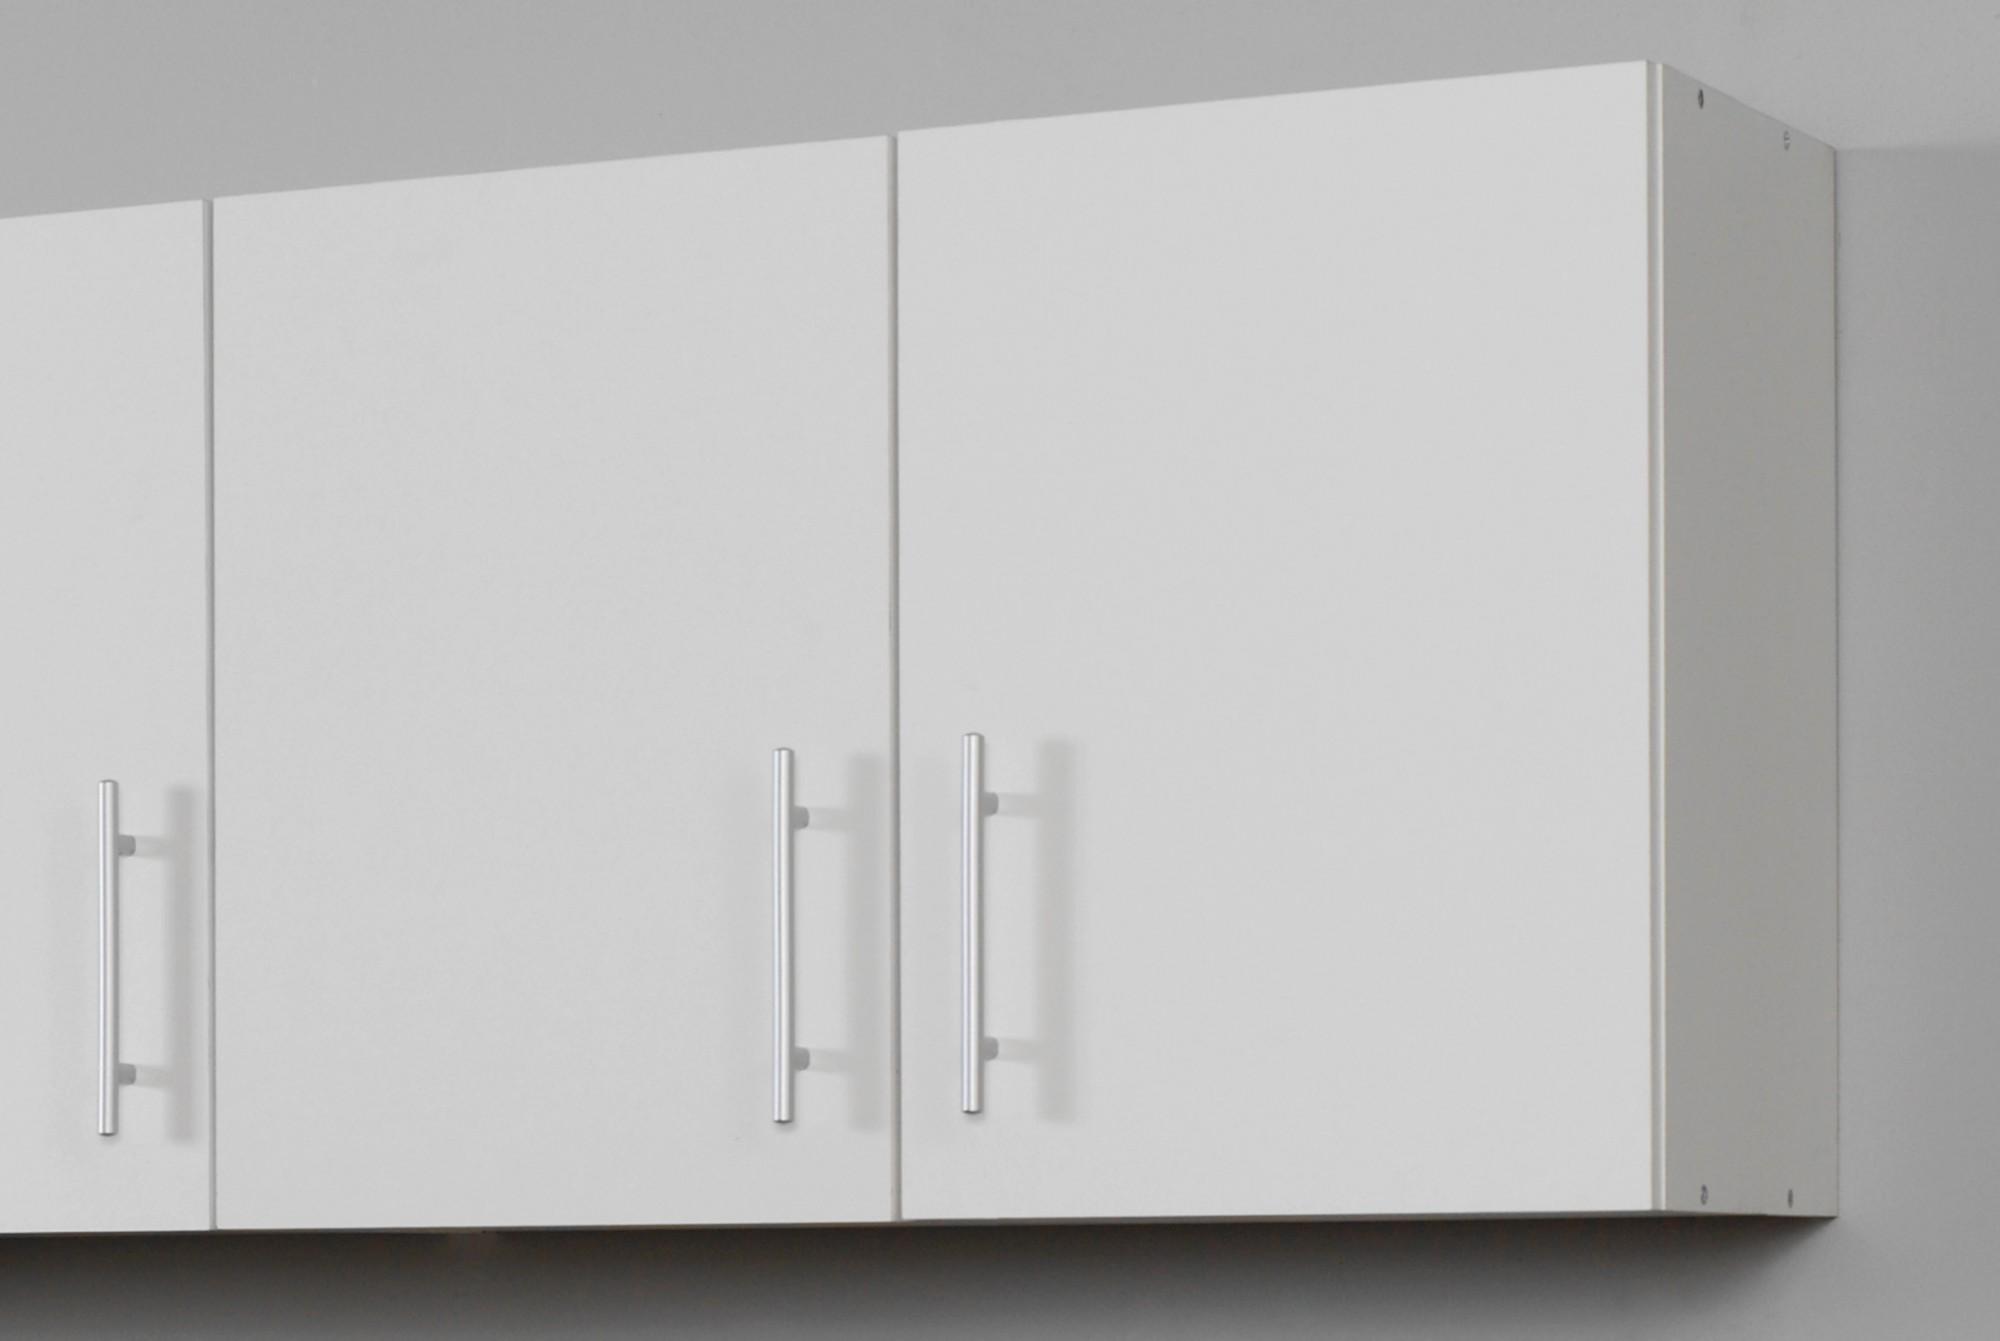 singlek che berlin mit k hlschrank breite 180 cm wei k che singlek chen. Black Bedroom Furniture Sets. Home Design Ideas